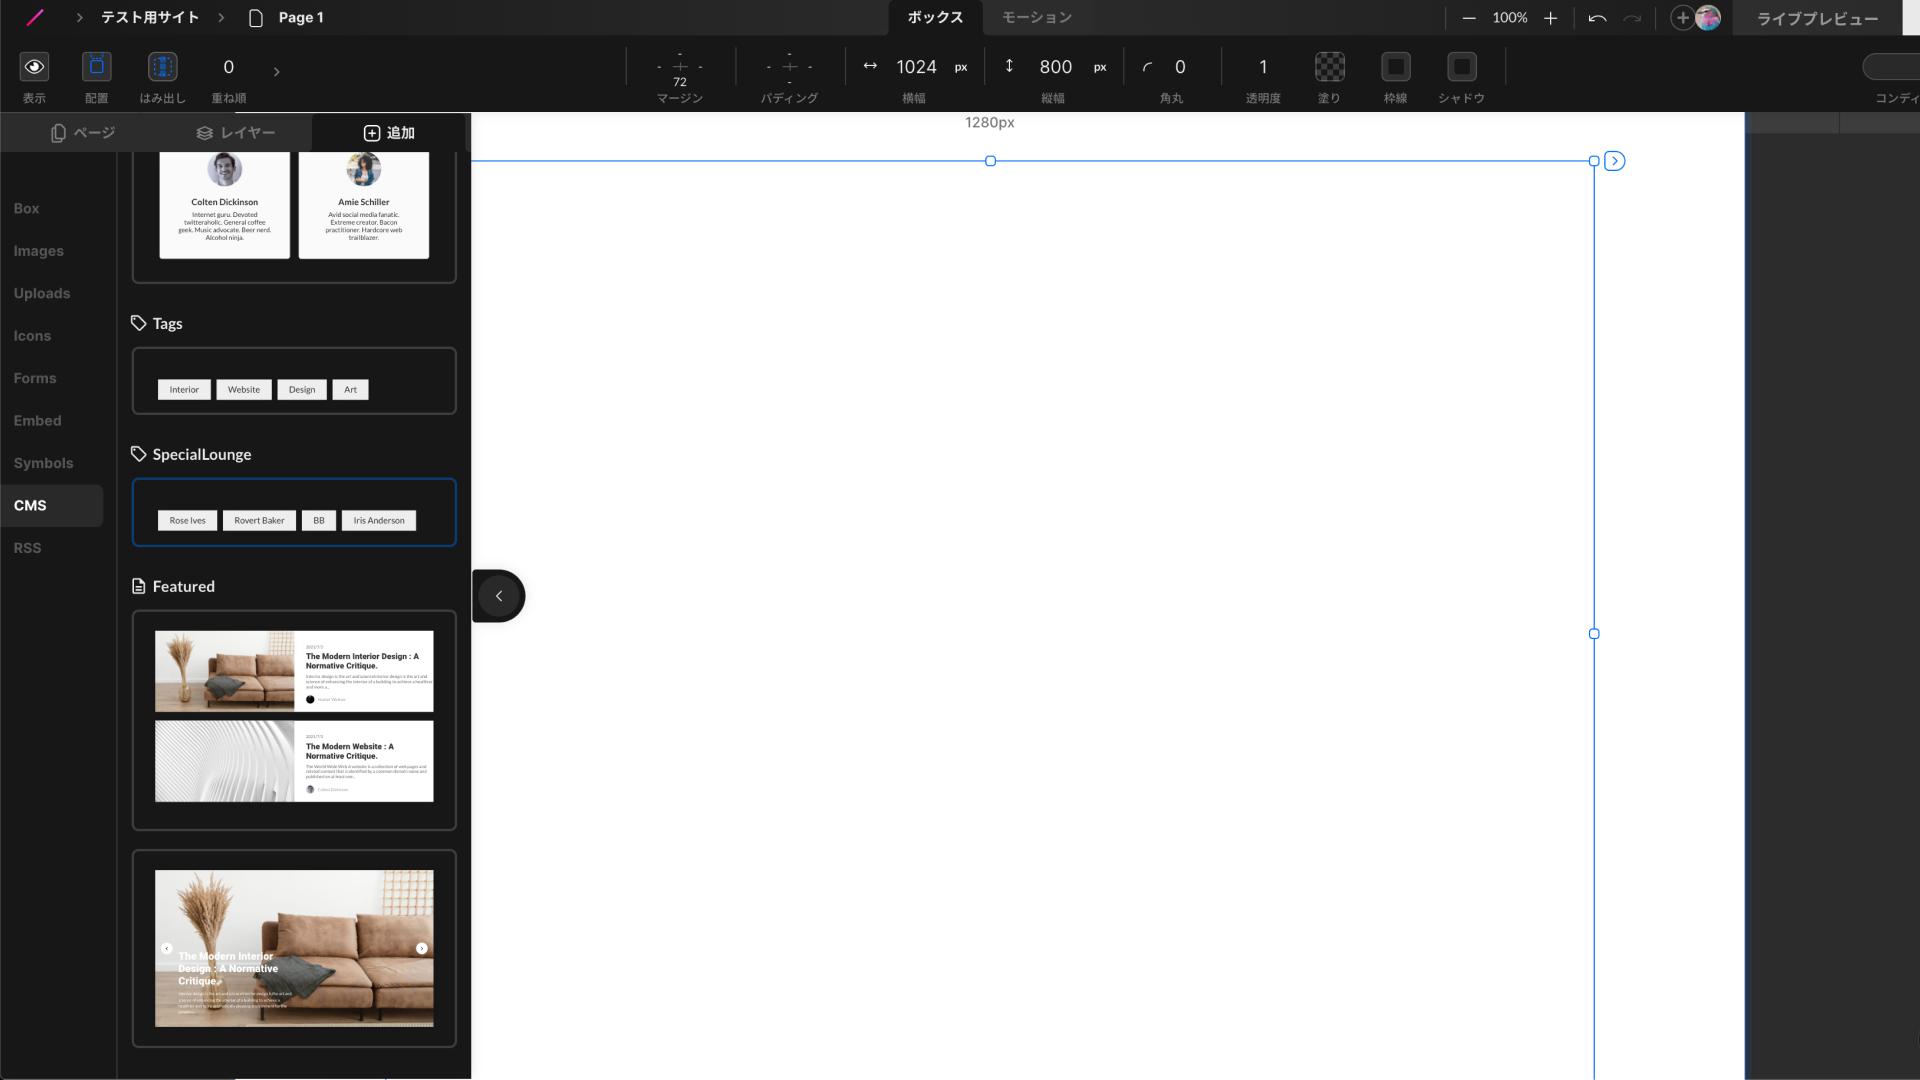 デザイン編集画面でCMS挿入のためにメニューを開いているスクリーンショット